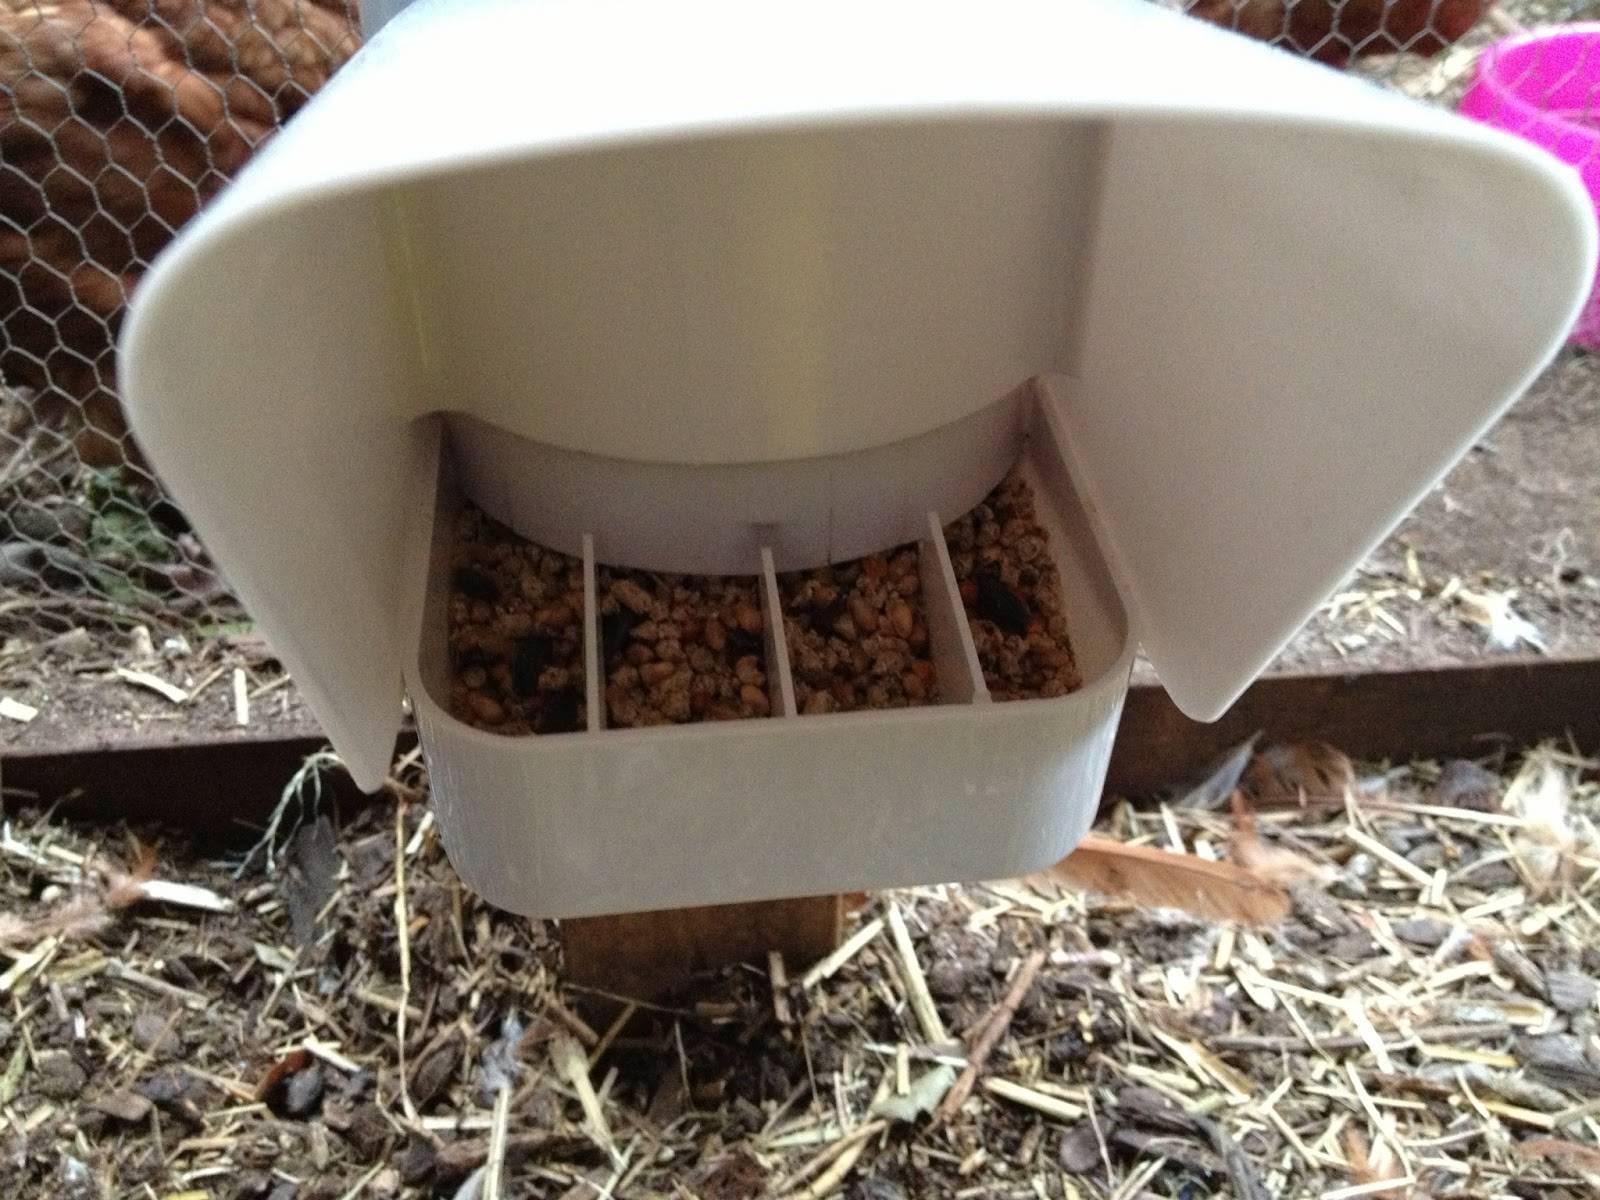 Кормушка для кур (51 фото): как сделать кормушку из подручных материалов для цыплят своими руками? оригинальные идеи